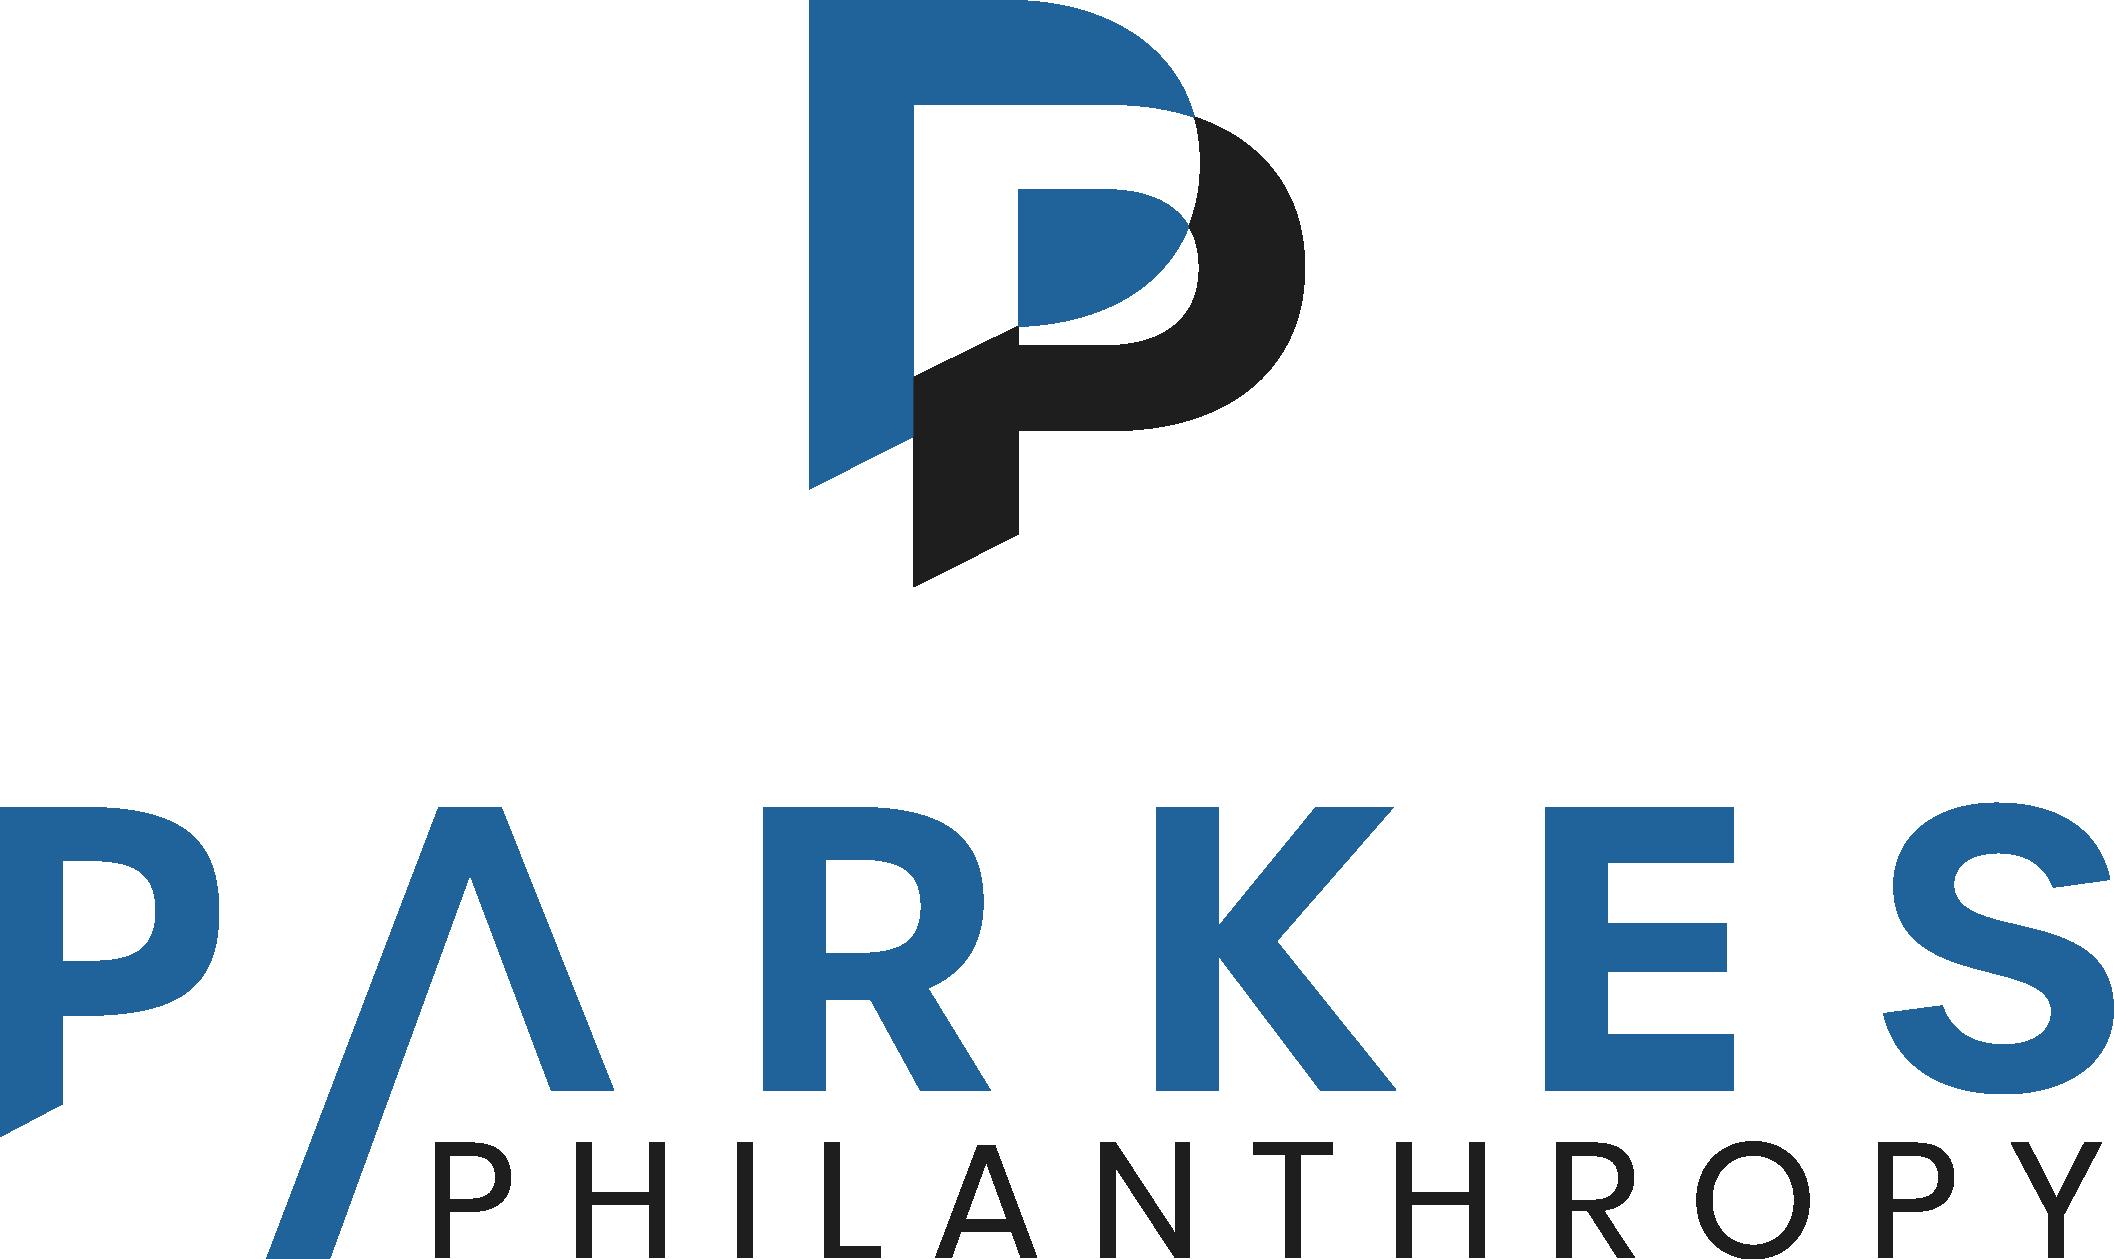 Parkes Philanthropy